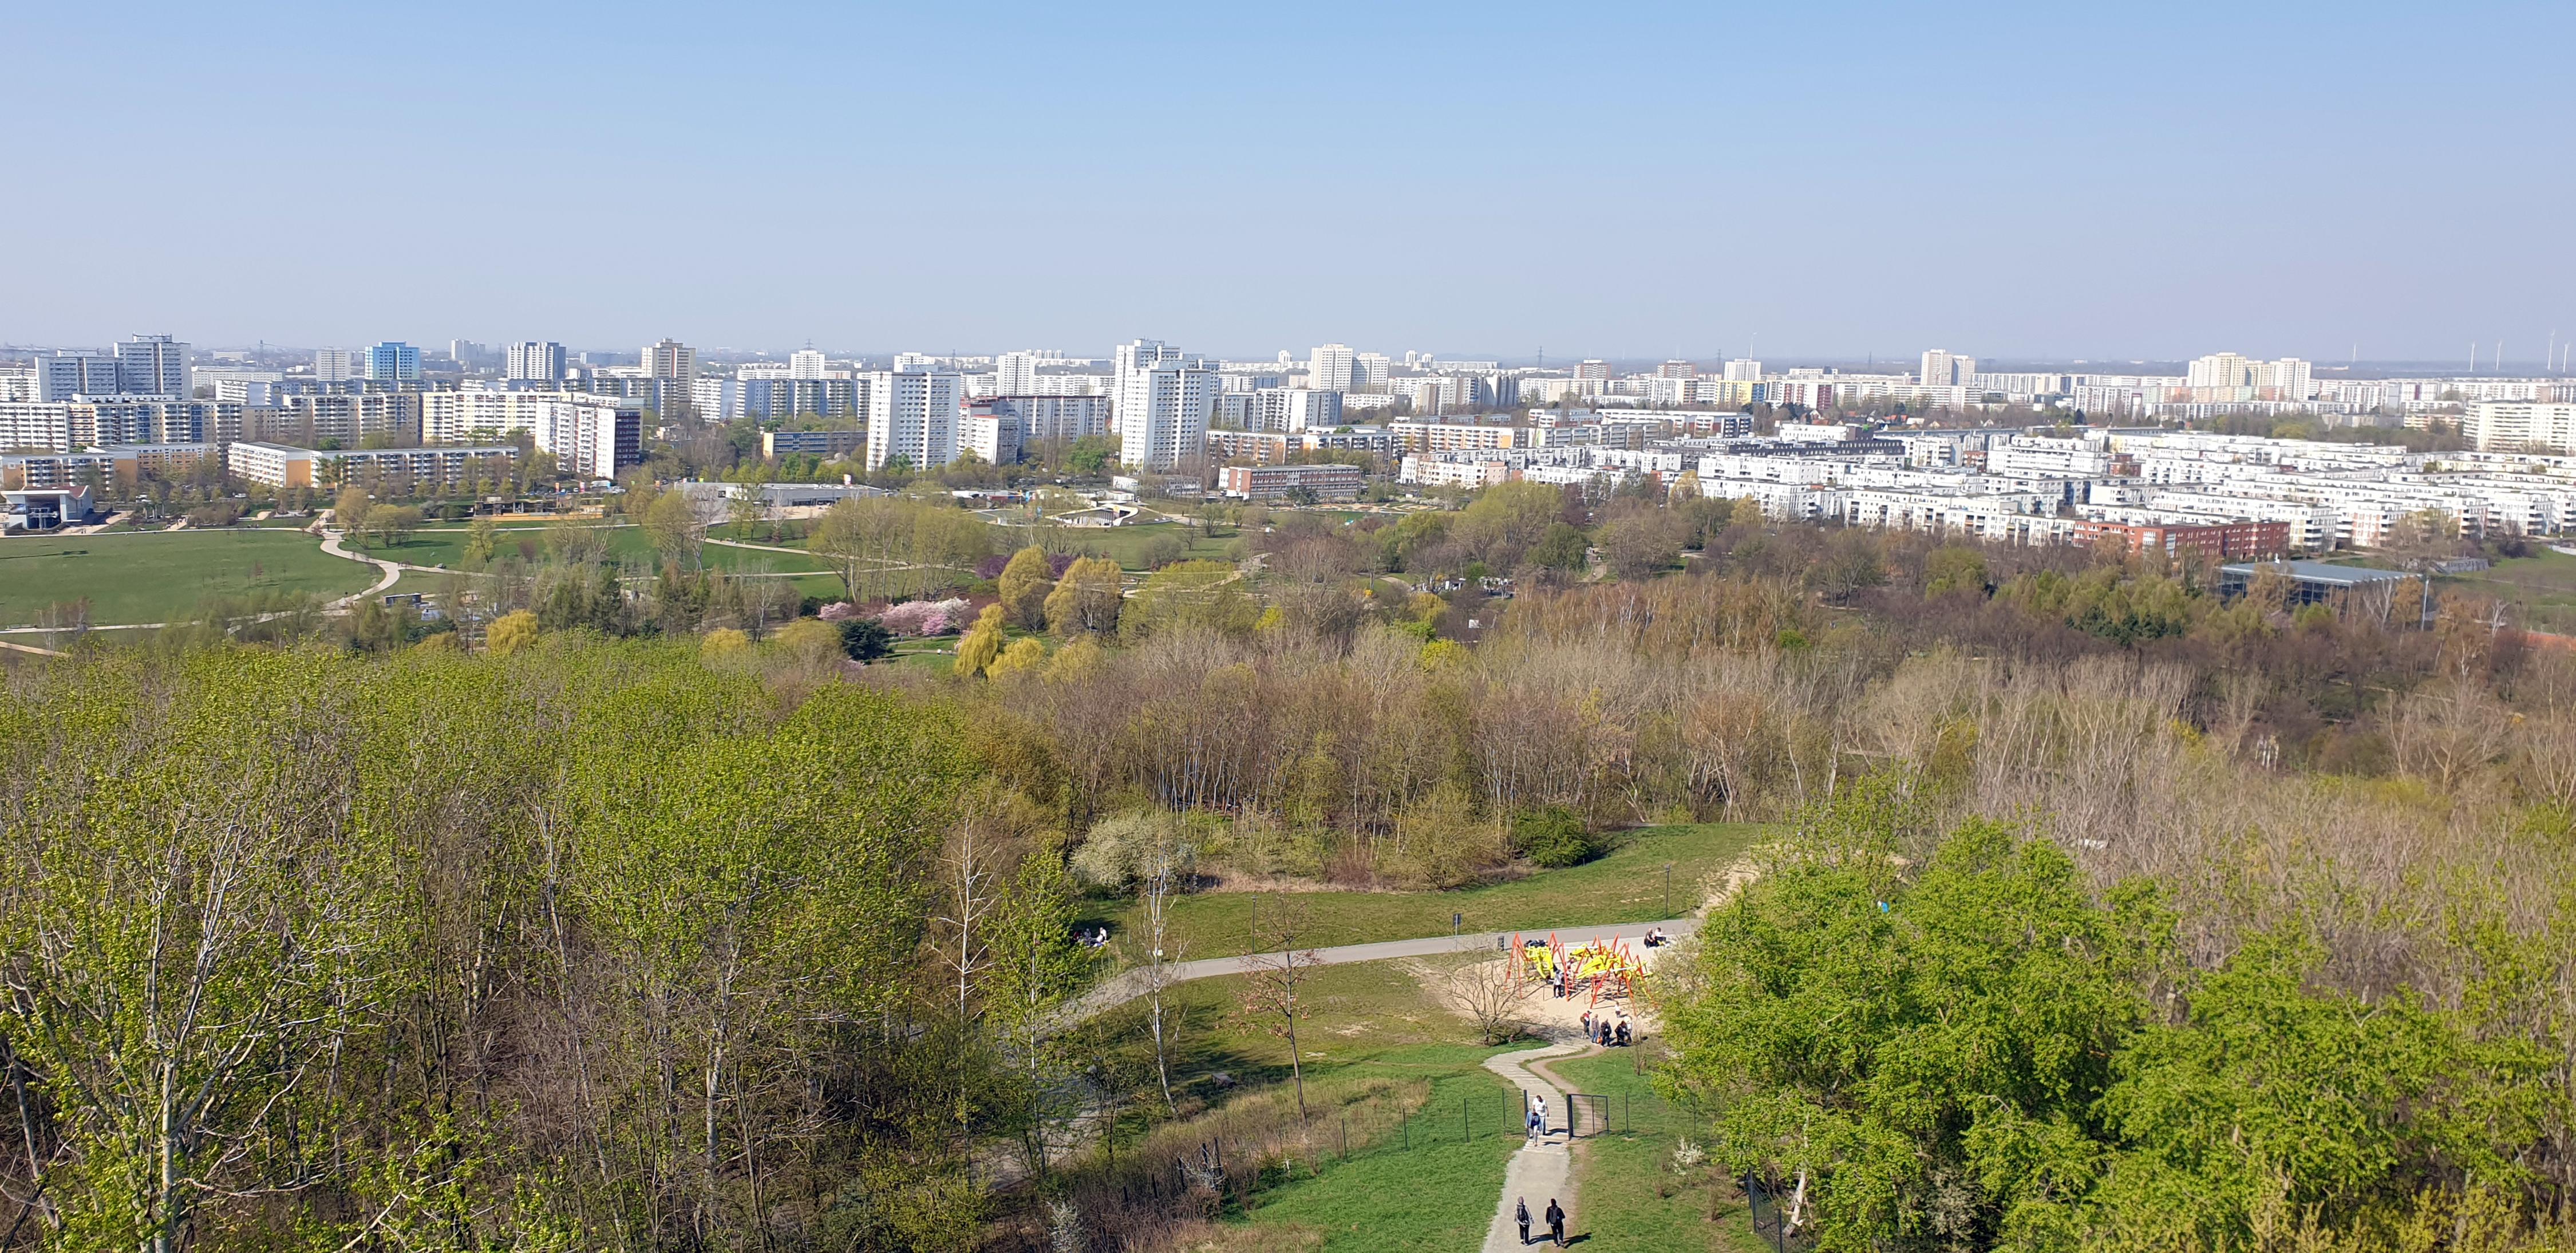 File:20190407 125340 Blick vom Kienberg. Gärten der Welt ...